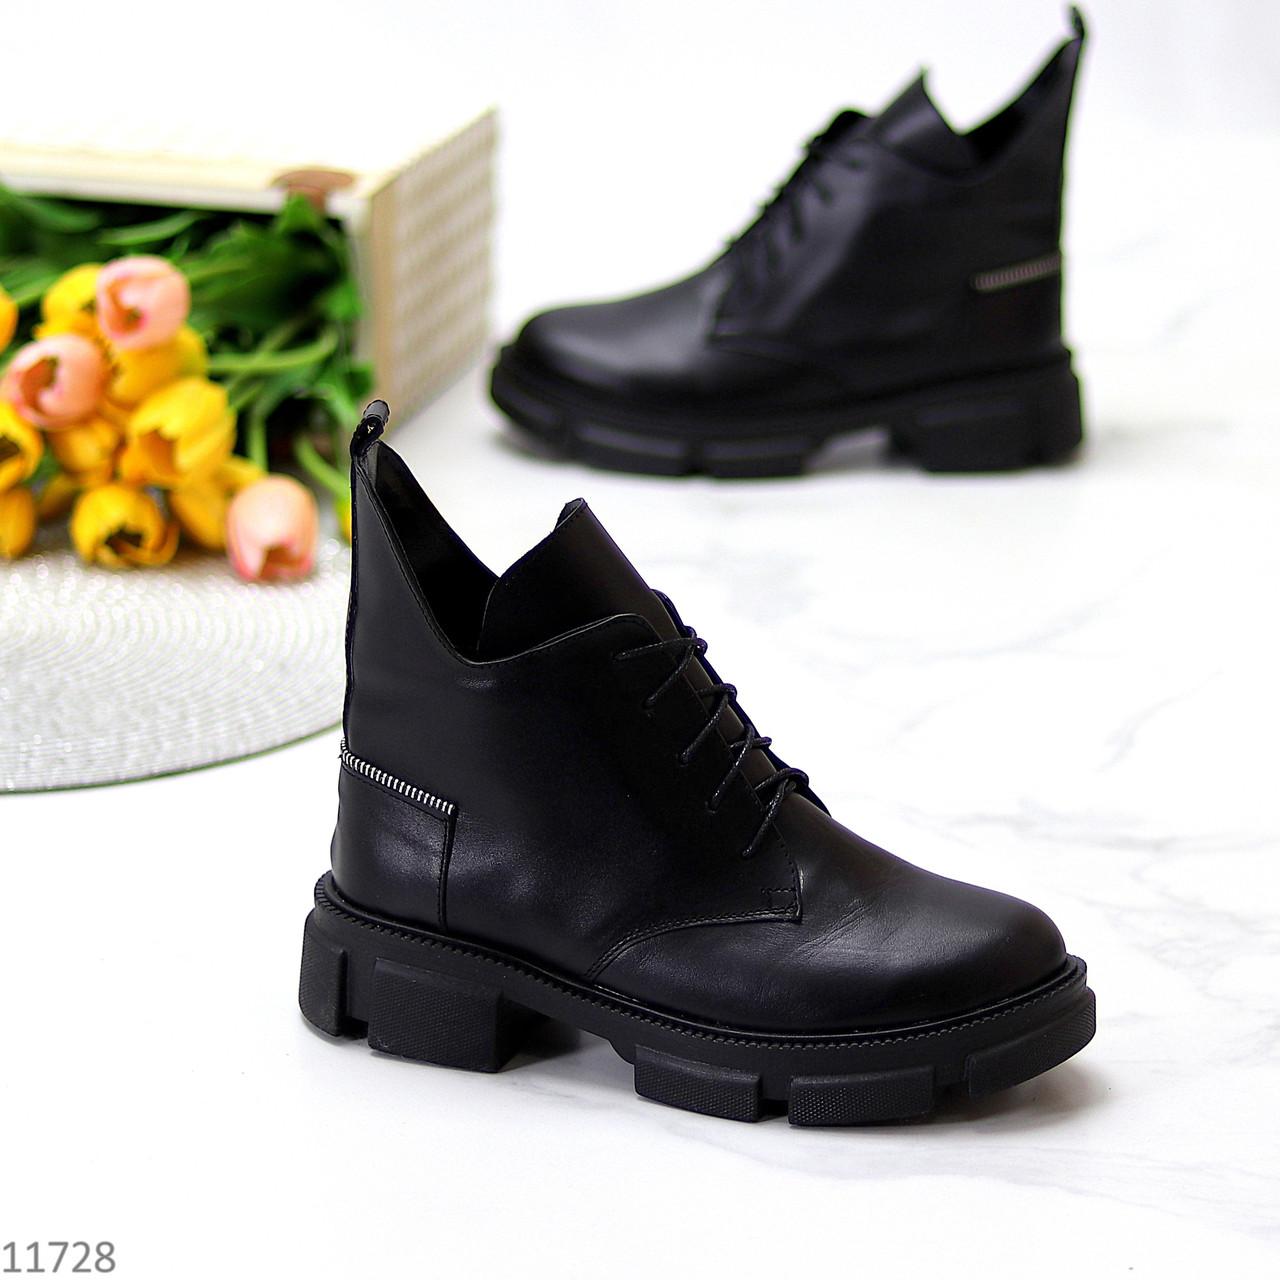 Кожаные дизайнерские черные женские ботинки натуральная кожа на флисе